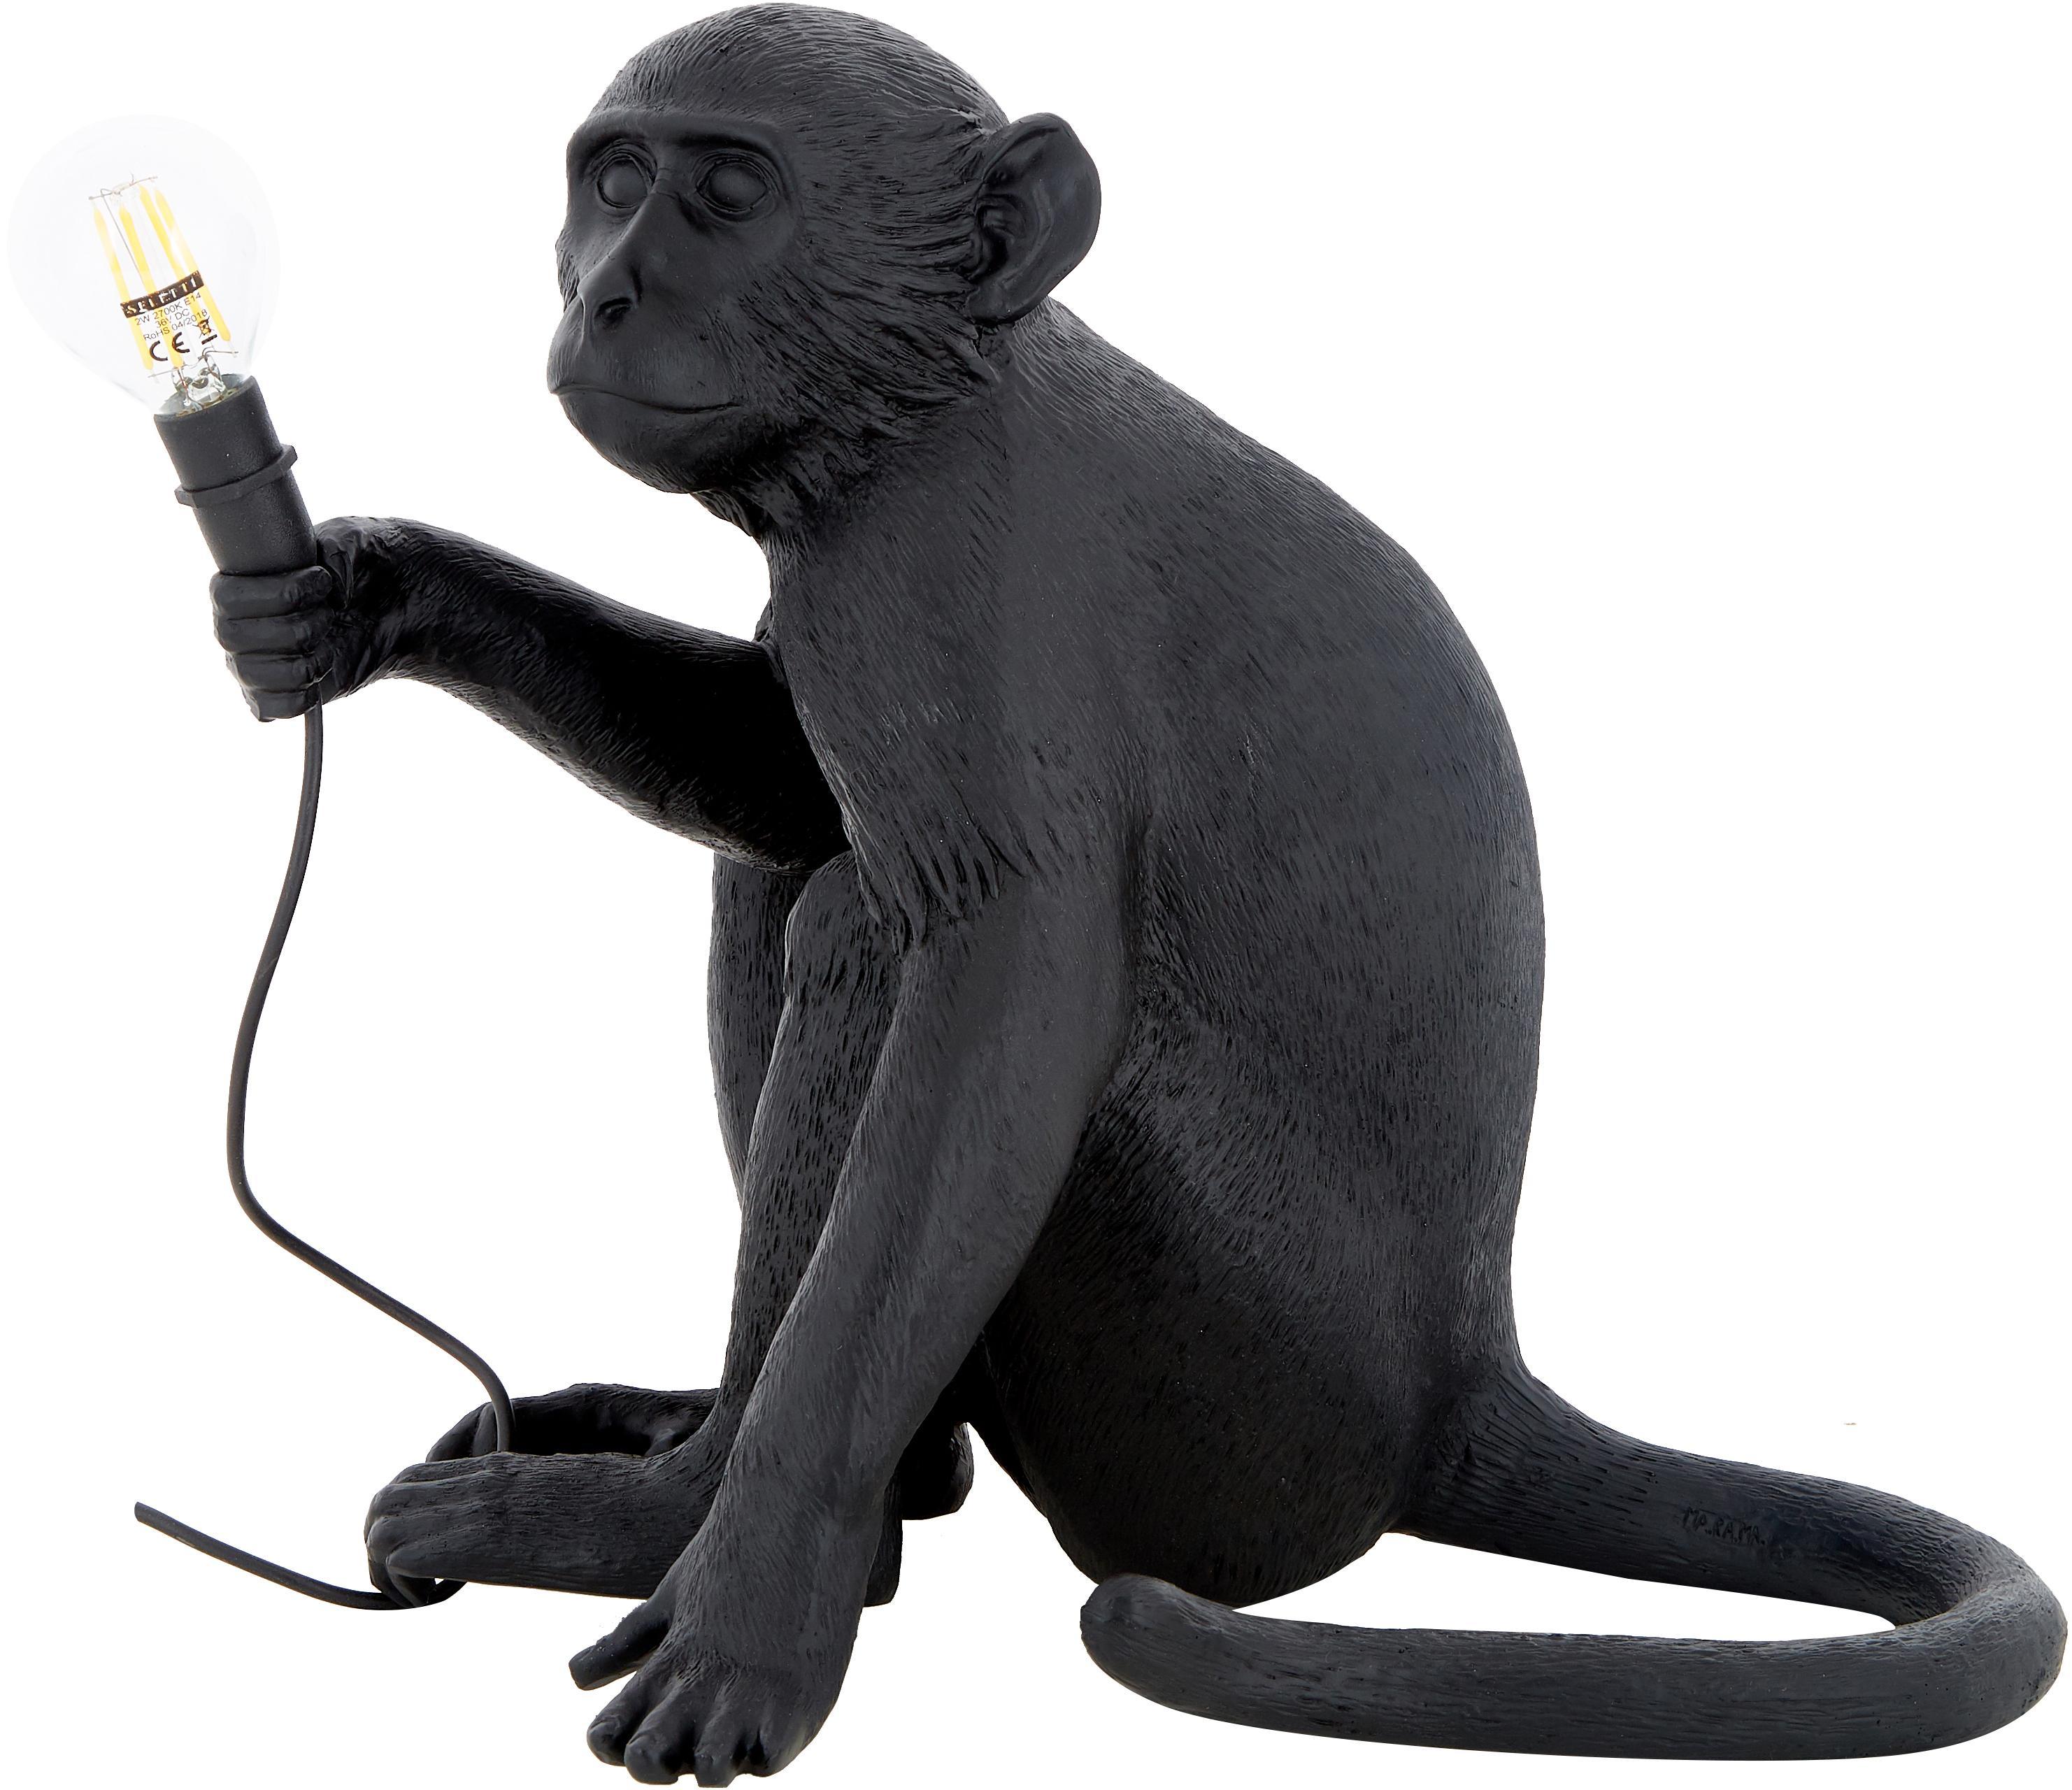 Outdoor LED tafellamp Monkey, Kunsthars, Zwart, 34 x 32 cm